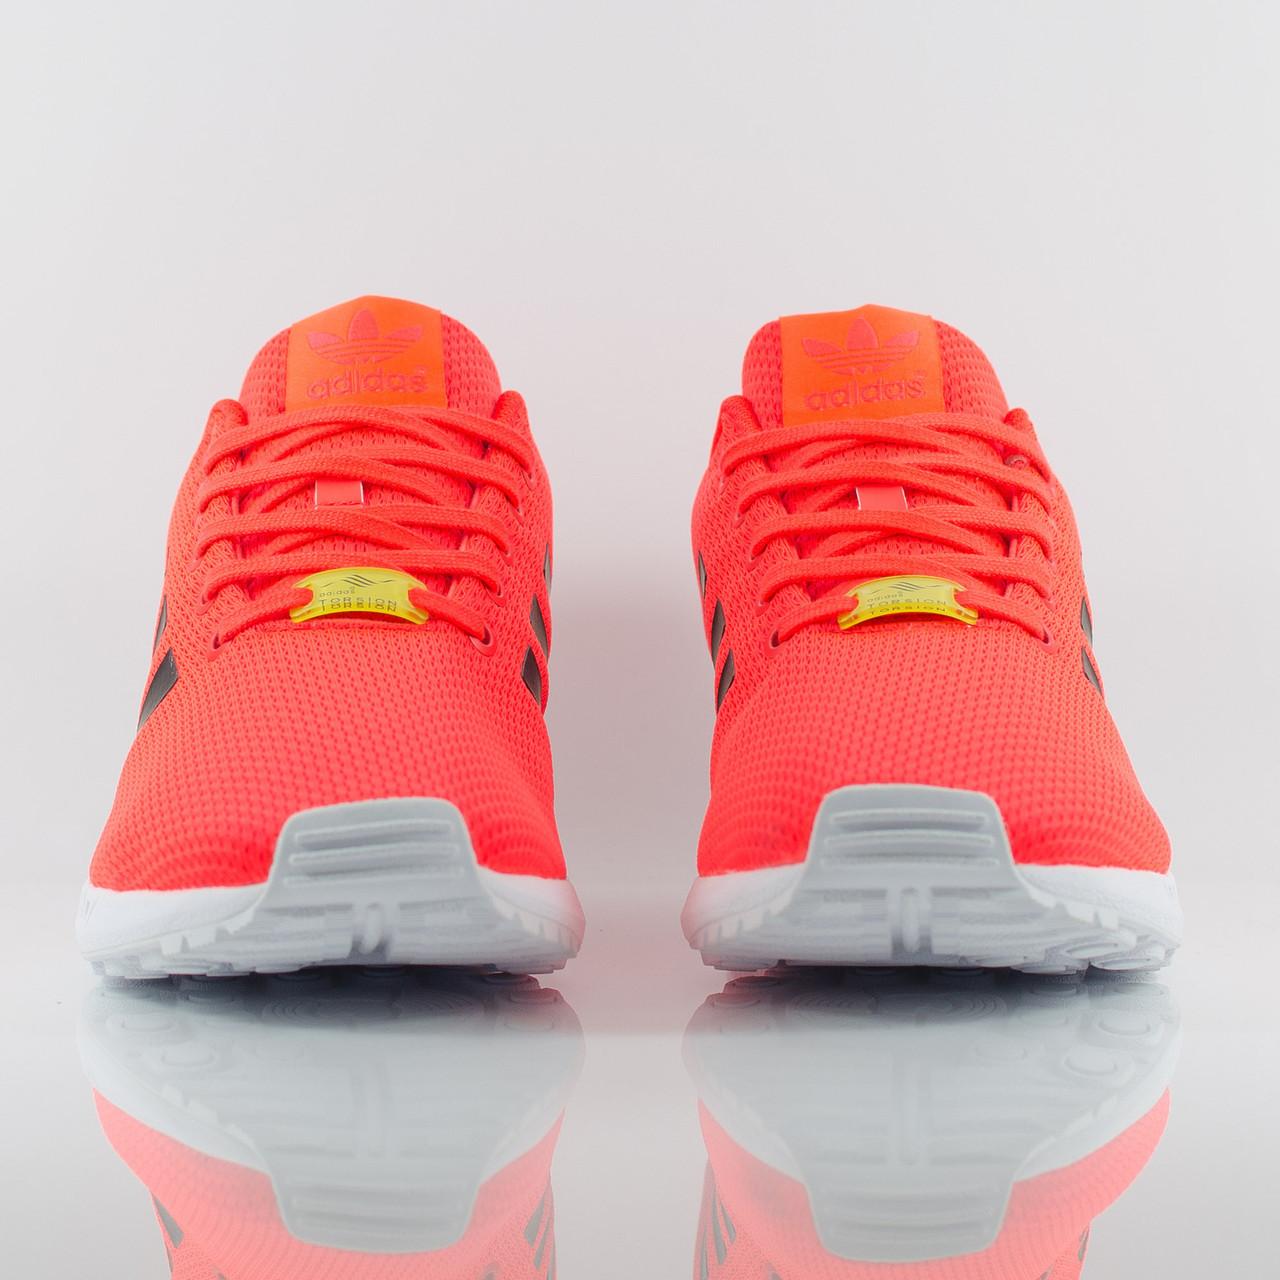 ... Мужские кроссовки Adidas ZX Flux Torsion красные с черным, ... 7865782e873